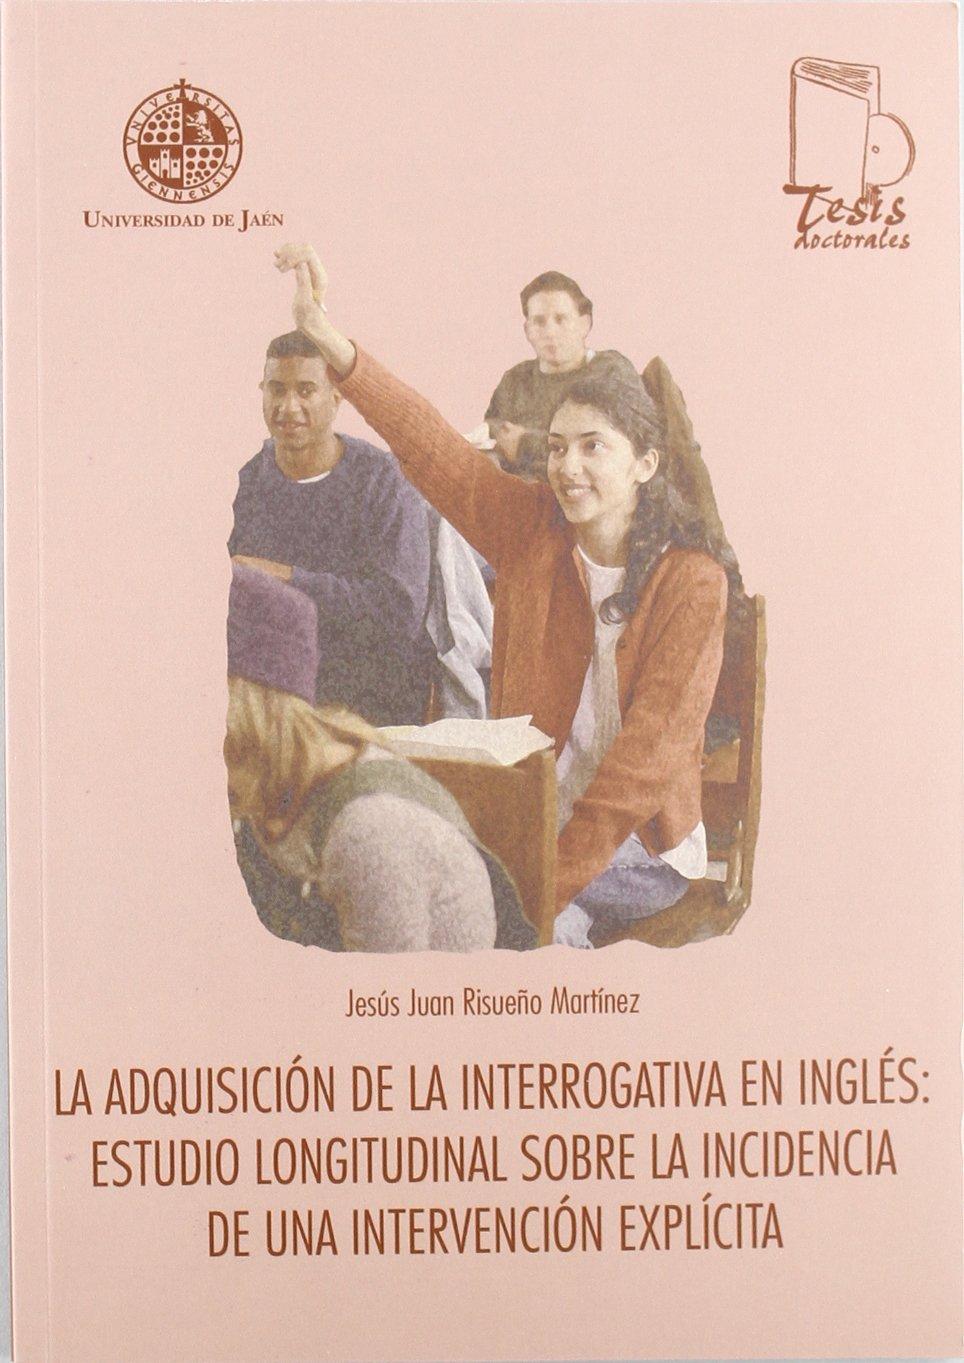 La adquisición de la interrogativa en inglés: estudio longitudinal sobre la incidencia de una intervención explícita Tesis Doctorales: Amazon.es: Jesús Juan ...